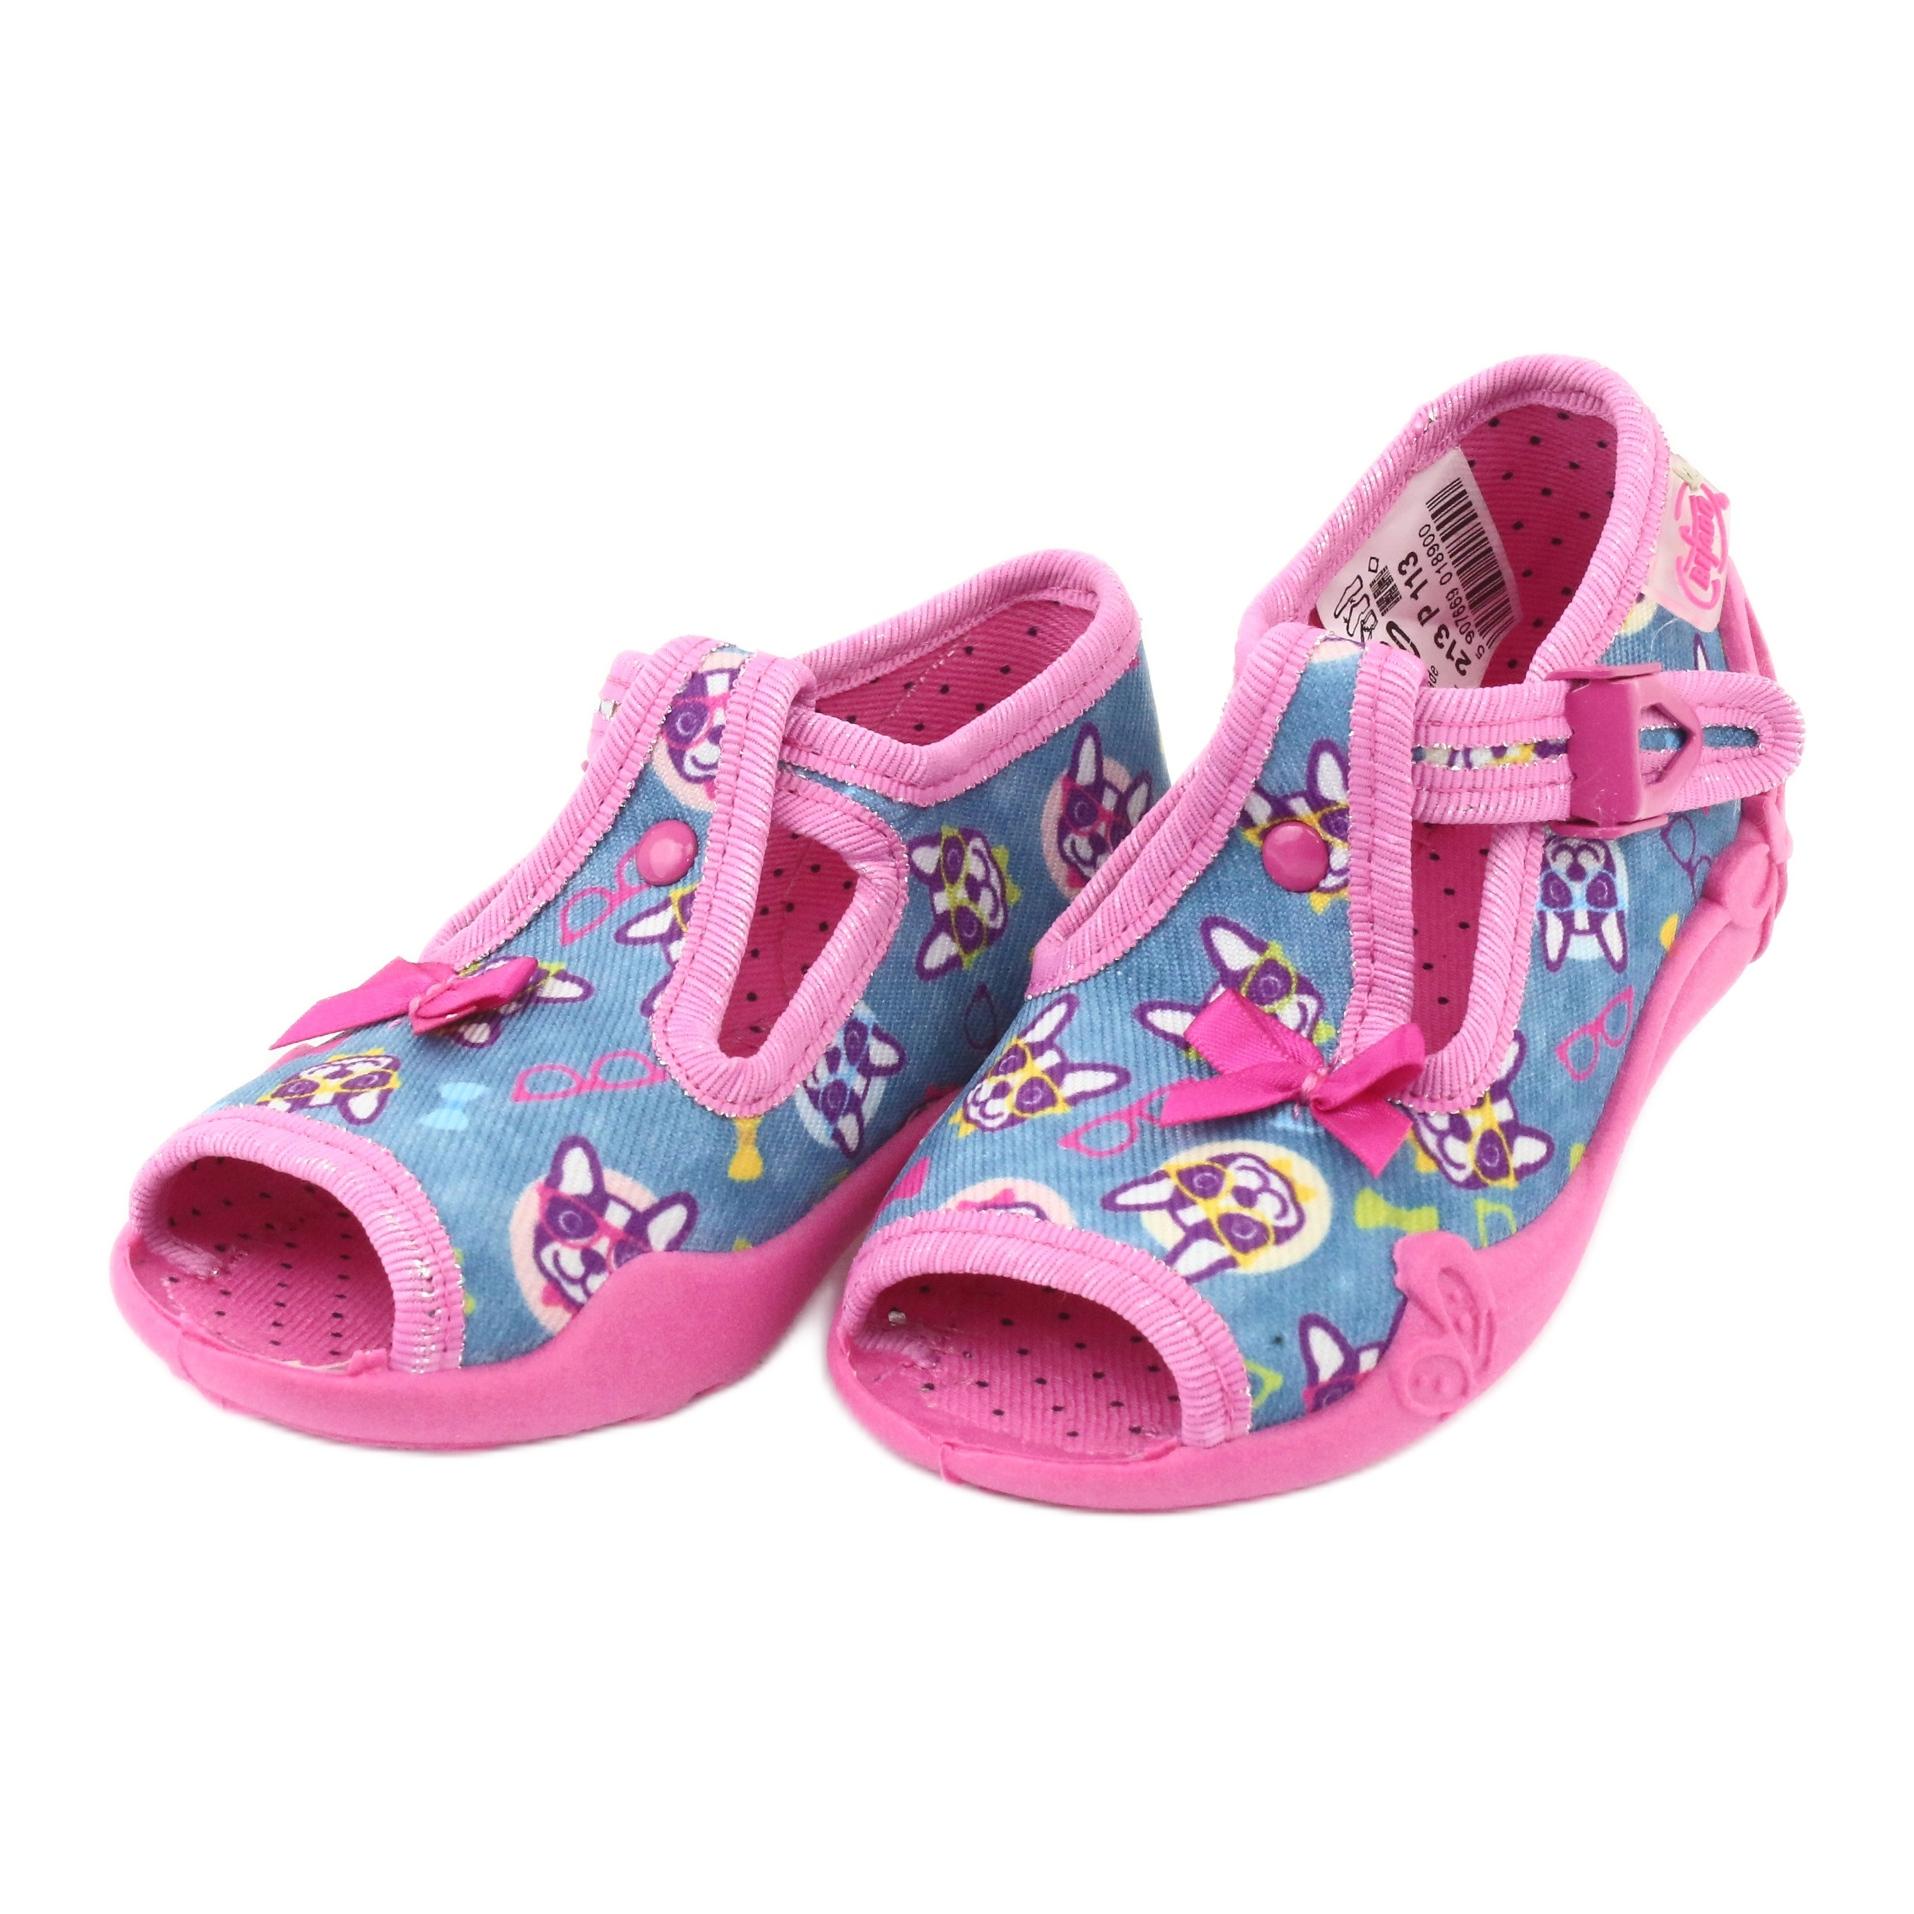 miniatura 5 - Scarpe per bambini rosa Befado 213P113 blu multicolore